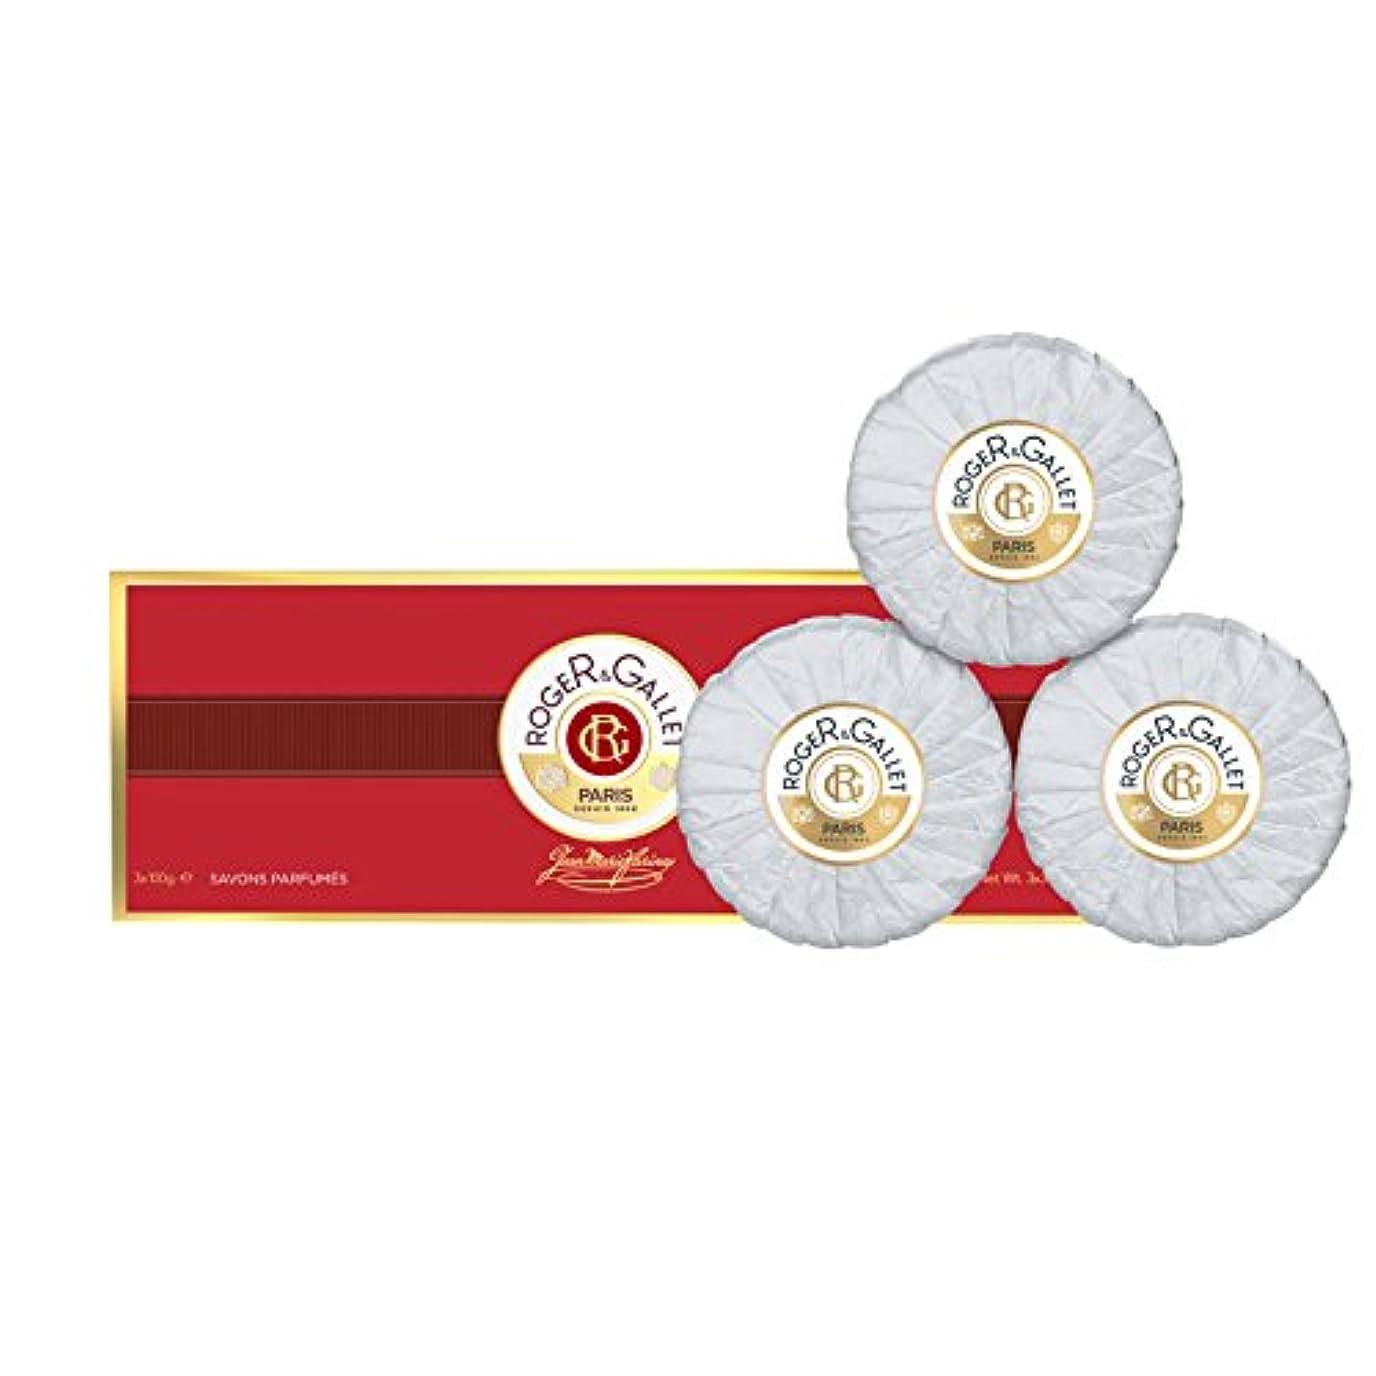 バナー仲人助言ロジェガレ ジャンマリファリナ 香水石鹸 3個セット 100g×3 ROGER&GALLET JEAN MARIE FARINA SOAP [並行輸入品]